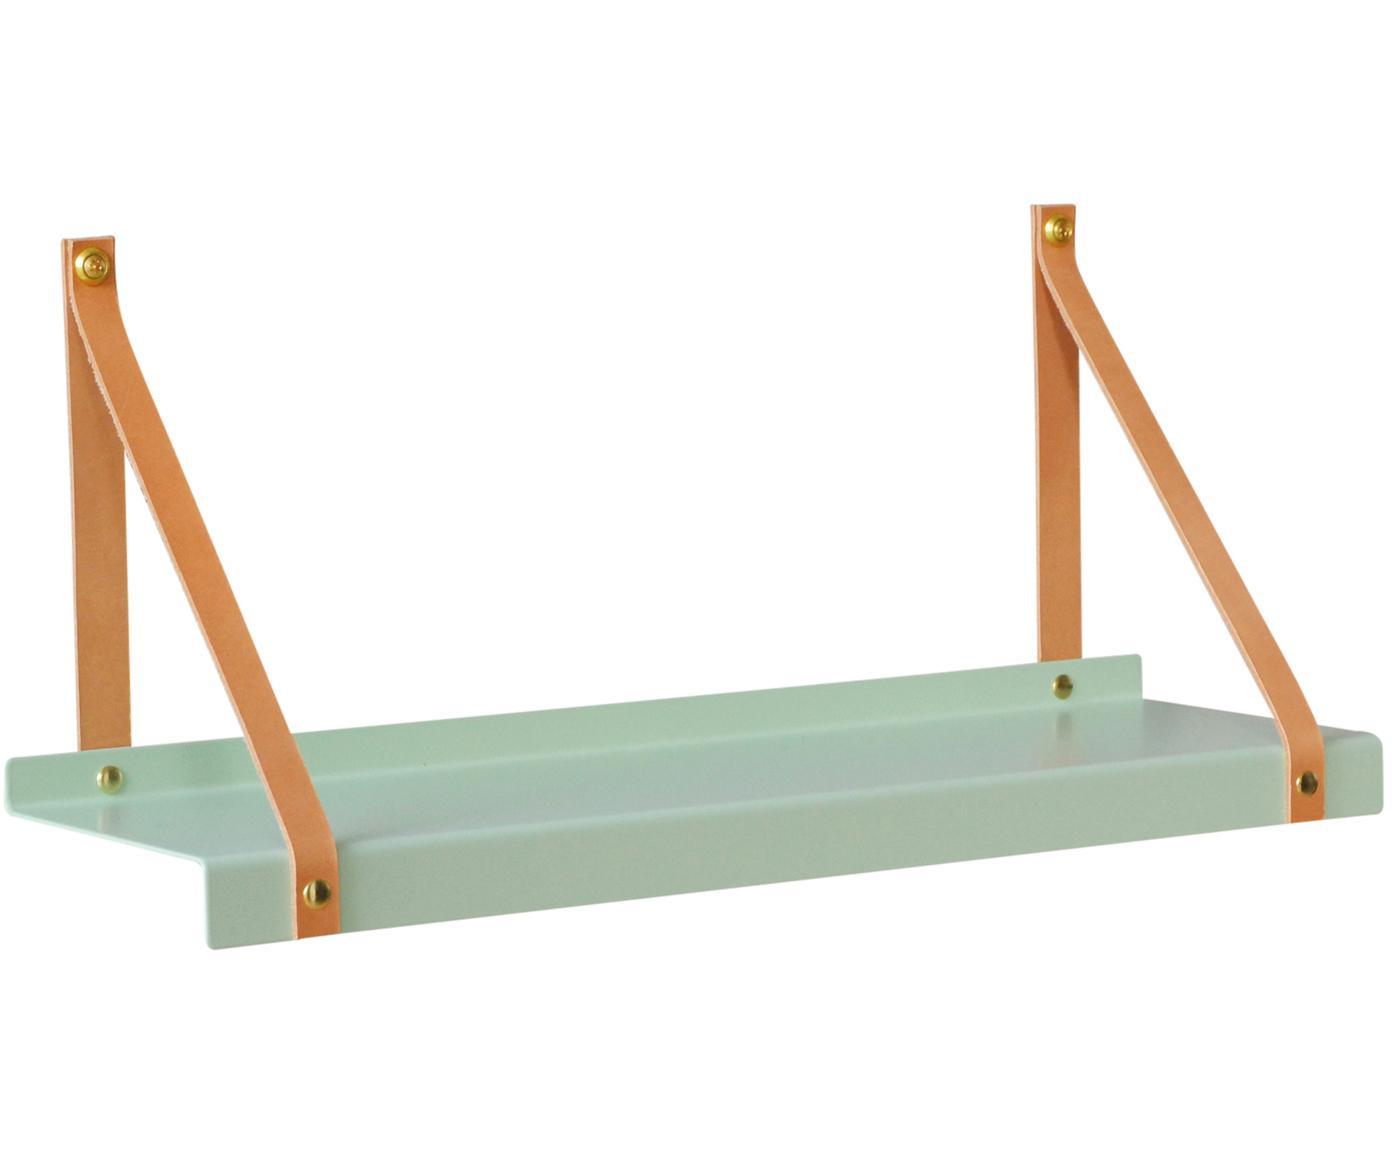 Wandplank Shelfie, Plank: gepoedercoat metaal, Riemen: leer, Mintgroen, bruin, B 50 x D 15 cm